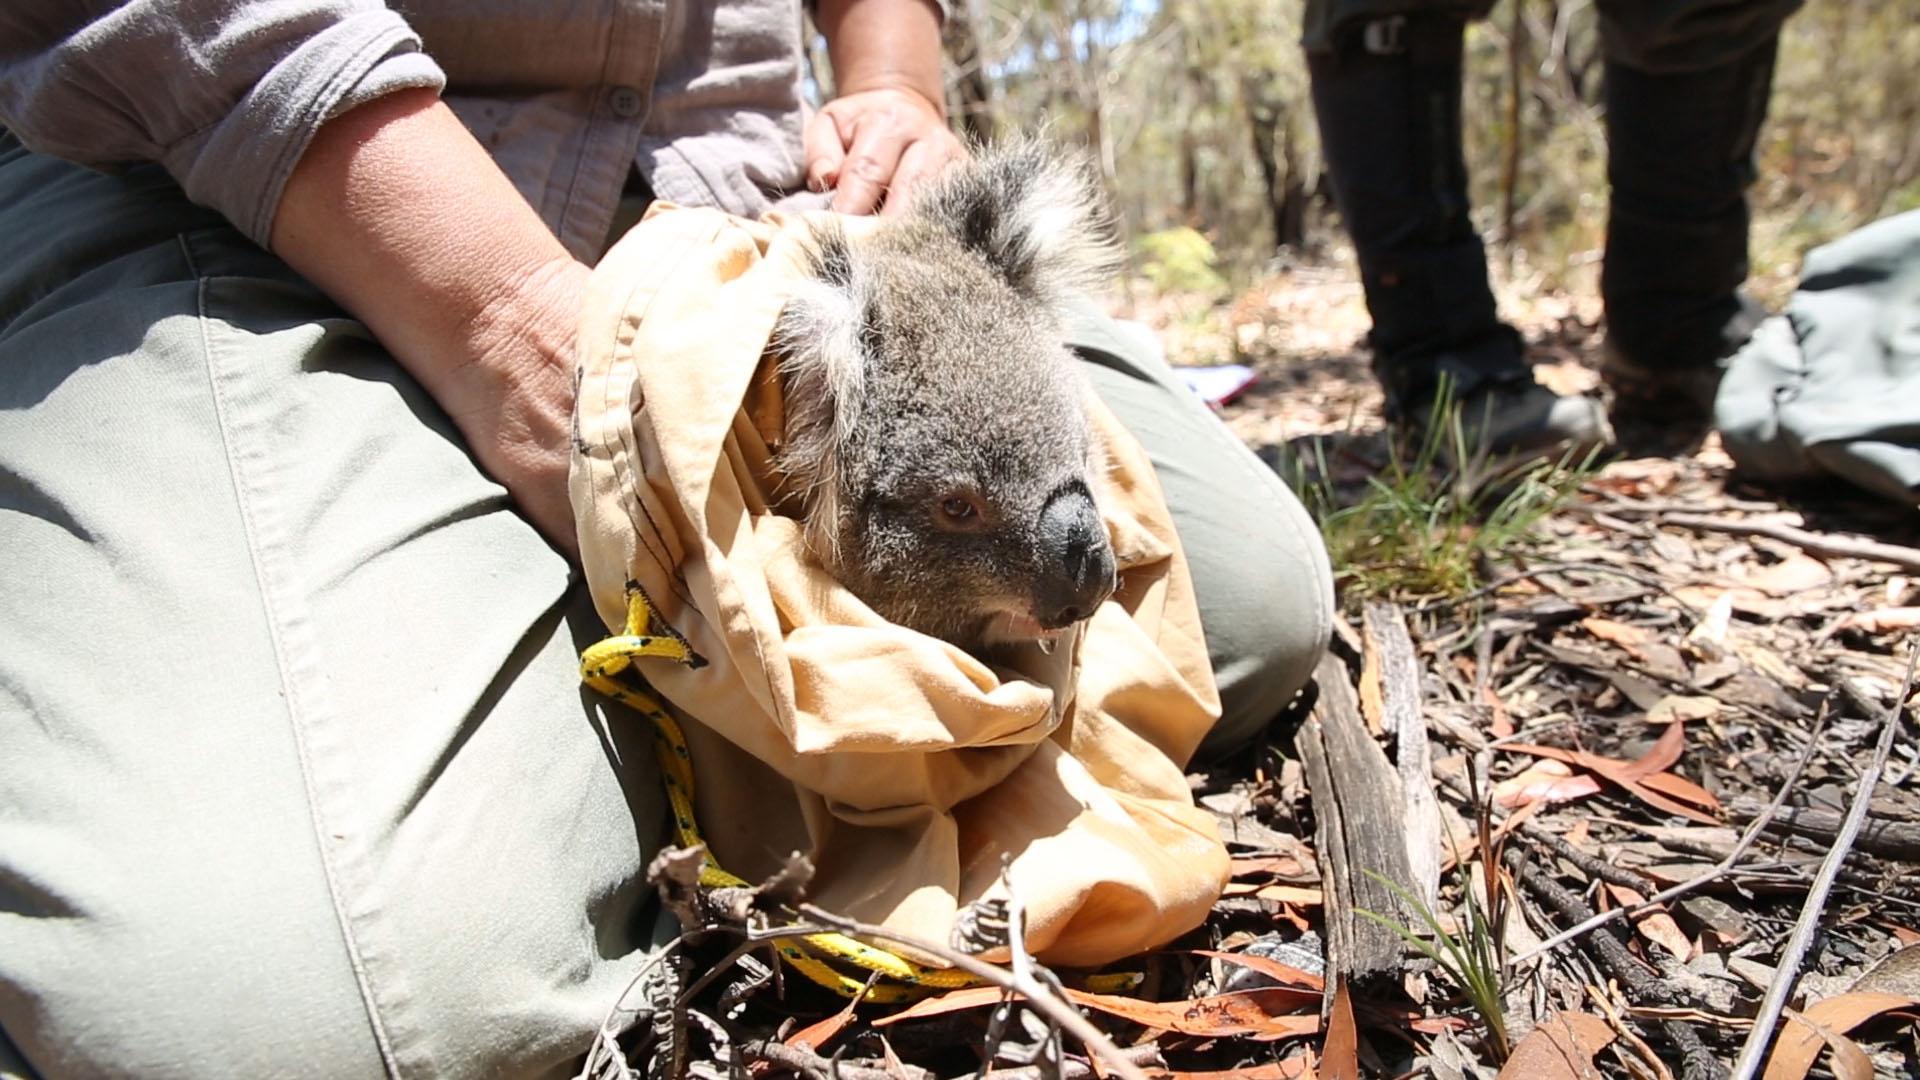 Το San Diego Zoo Ερευνητική Ομάδα στην Αυστραλία Διασώζει τα Κοάλα από Πυρκαγιά